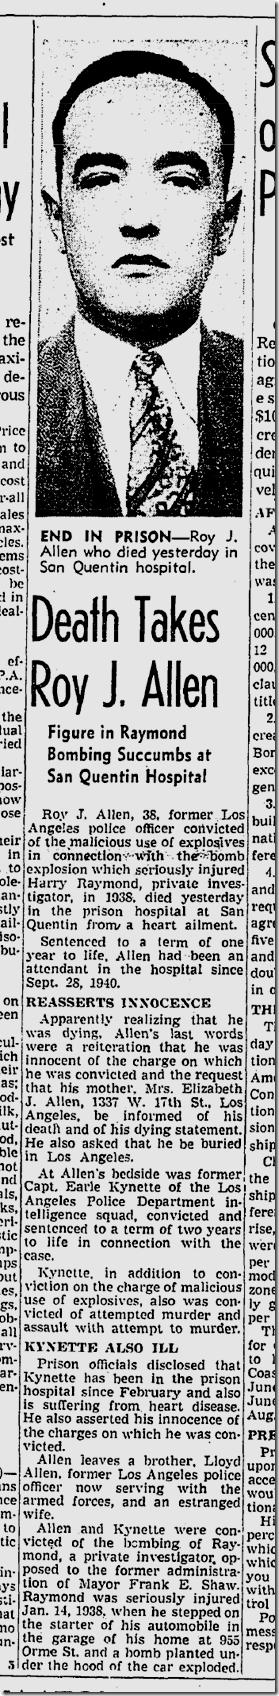 May 18, 1942, Roy Allen Dies